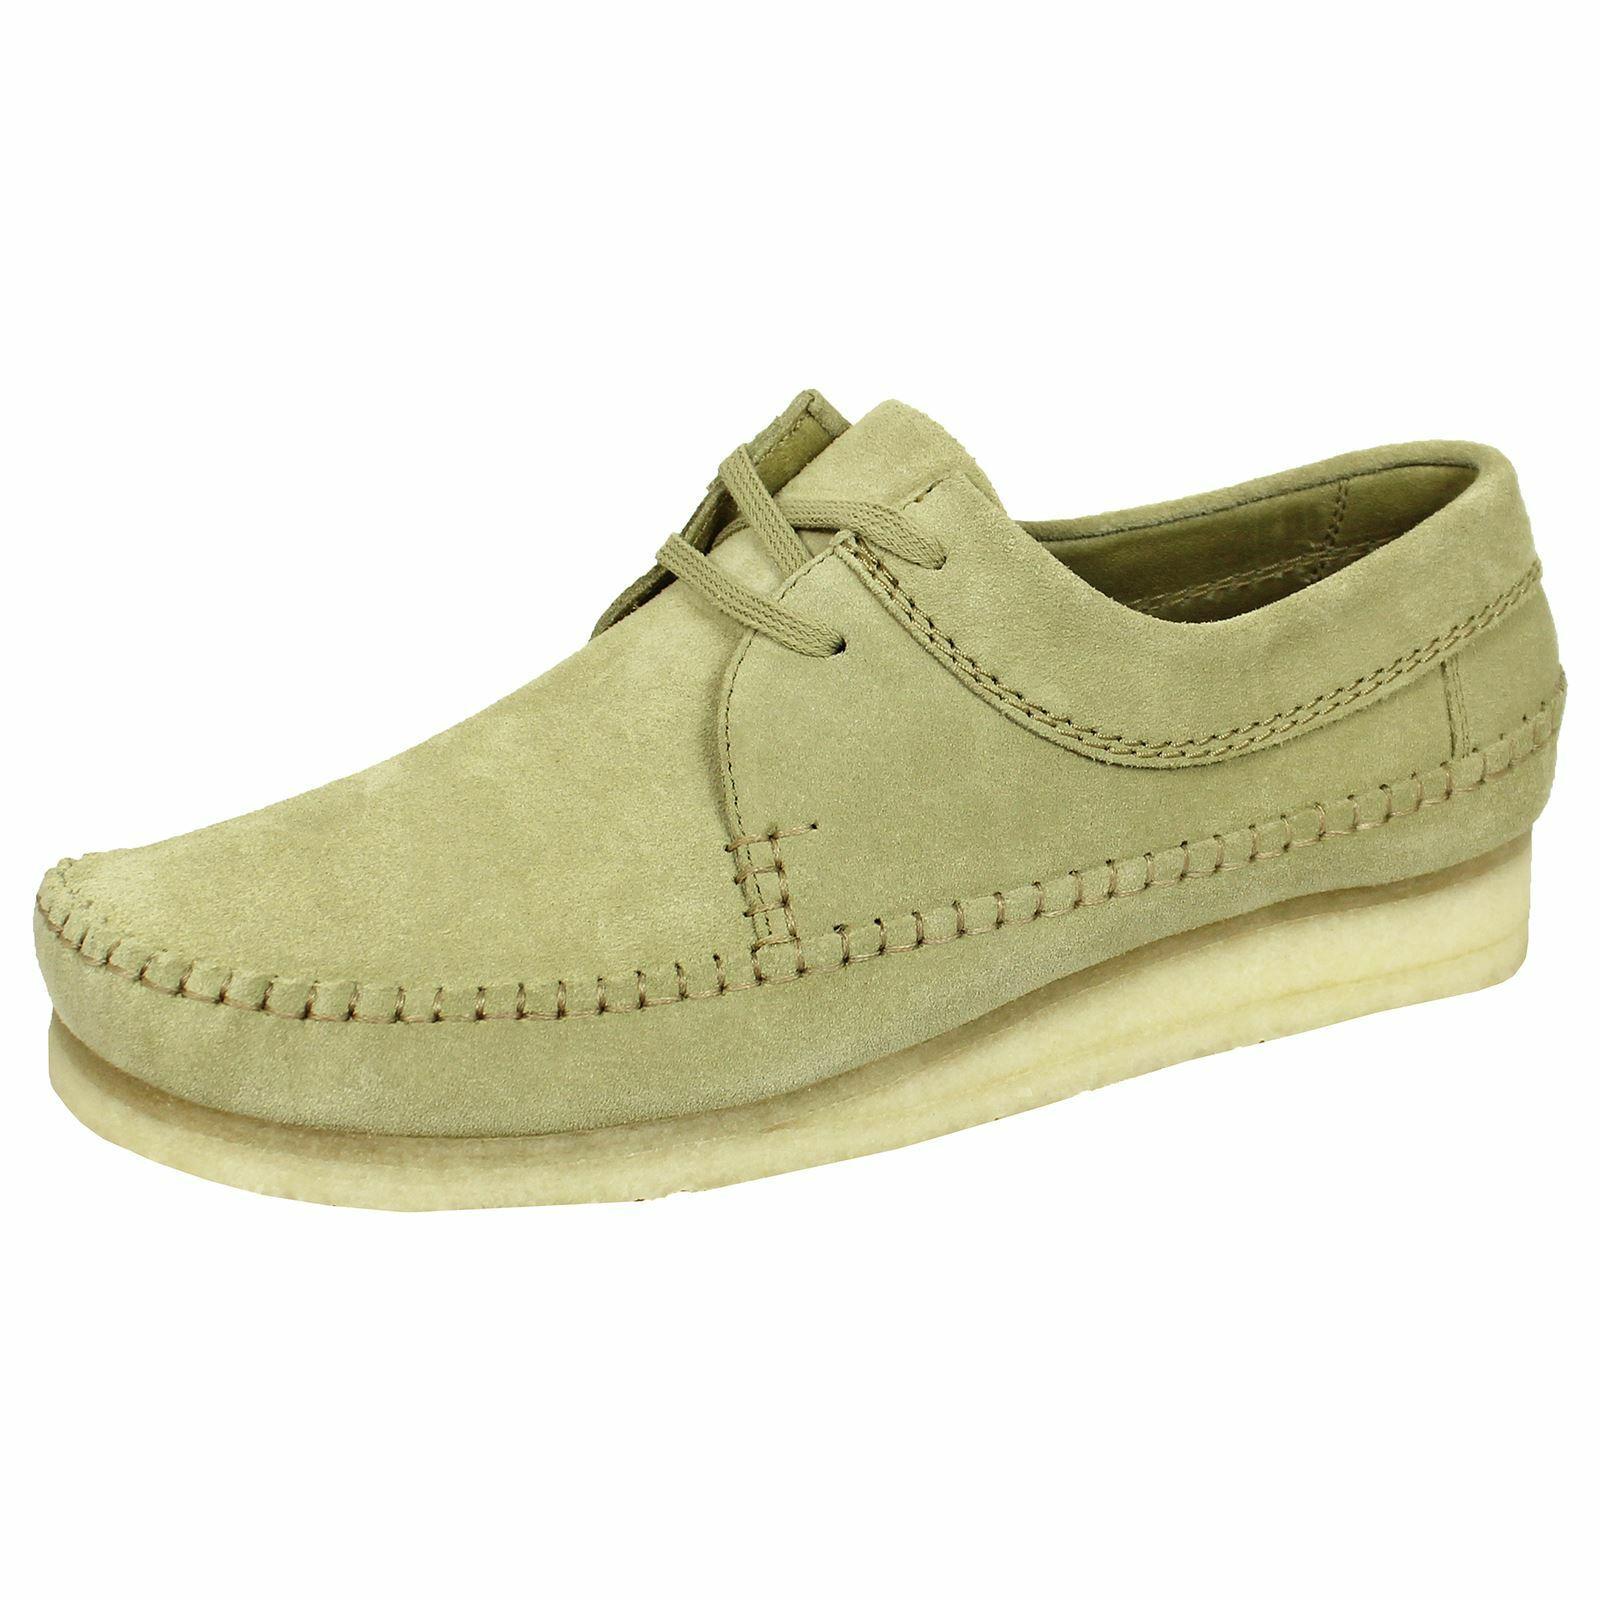 CLARKS ORIGINALS WEAVER Homme Érable Chaussures en daim